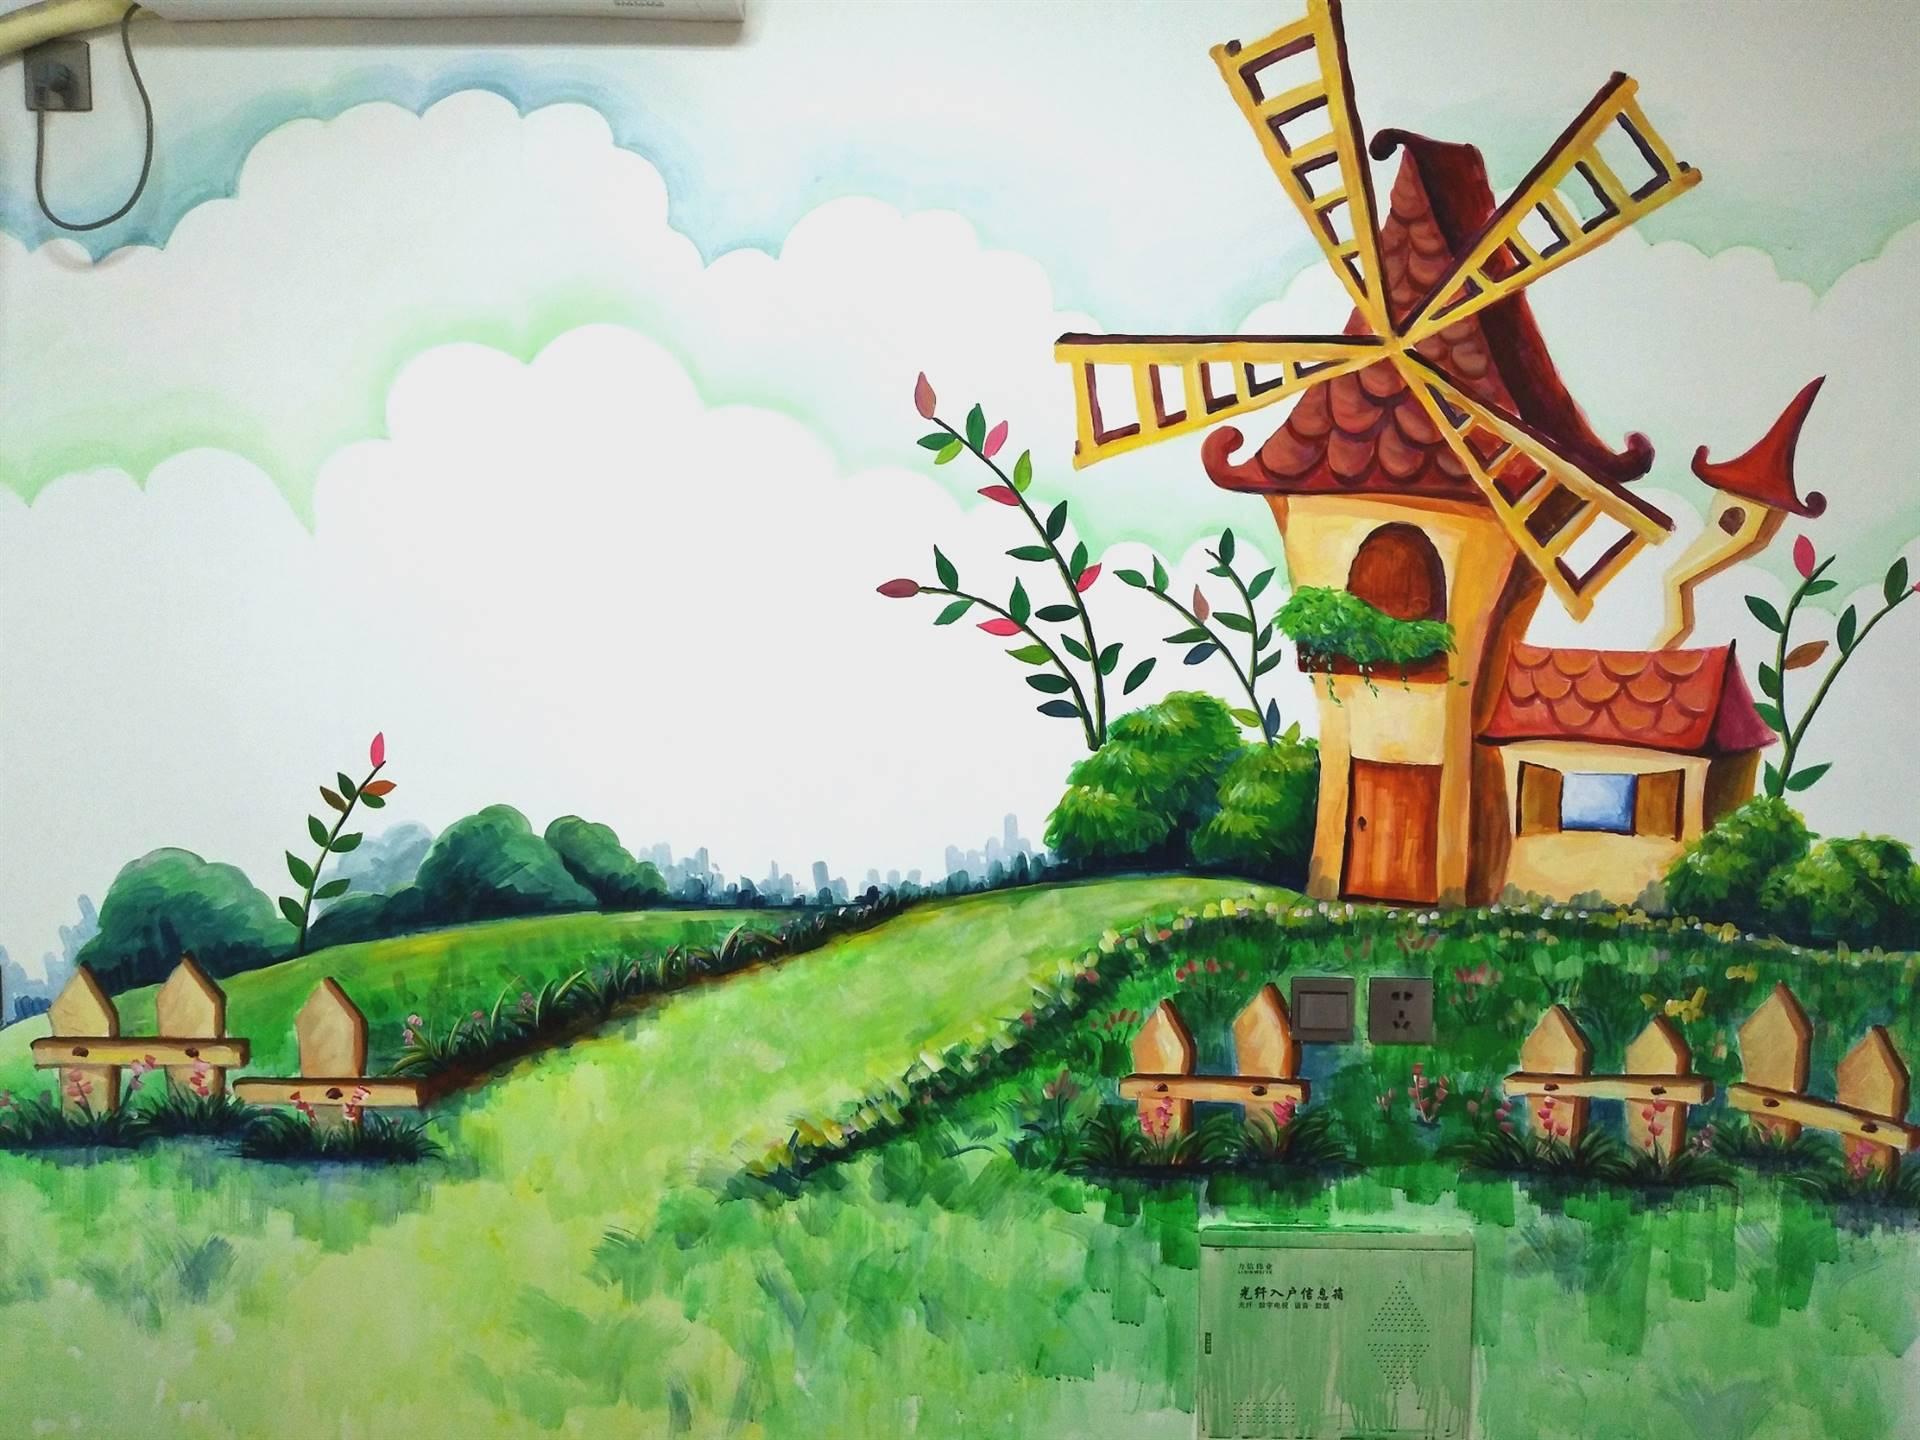 梦想天空专注成都手绘墙画,酒吧壁画,室内外墙面的纯手绘装饰